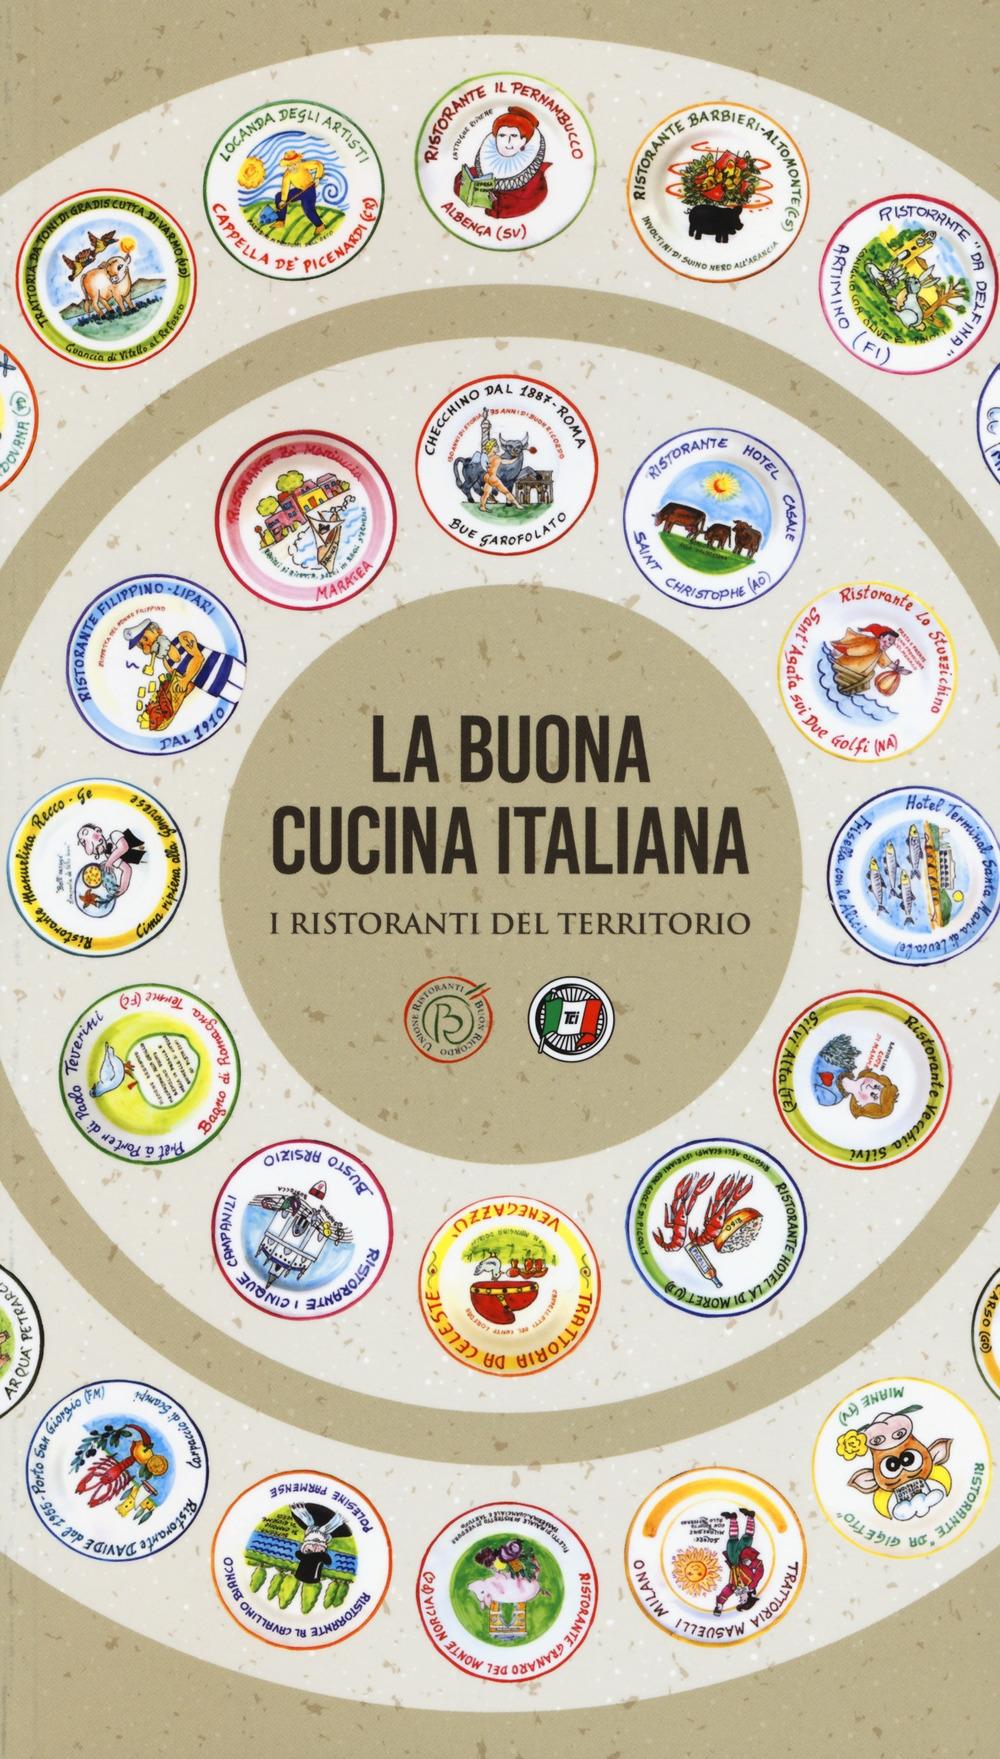 La buona cucina italiana. I ristoranti del territorio